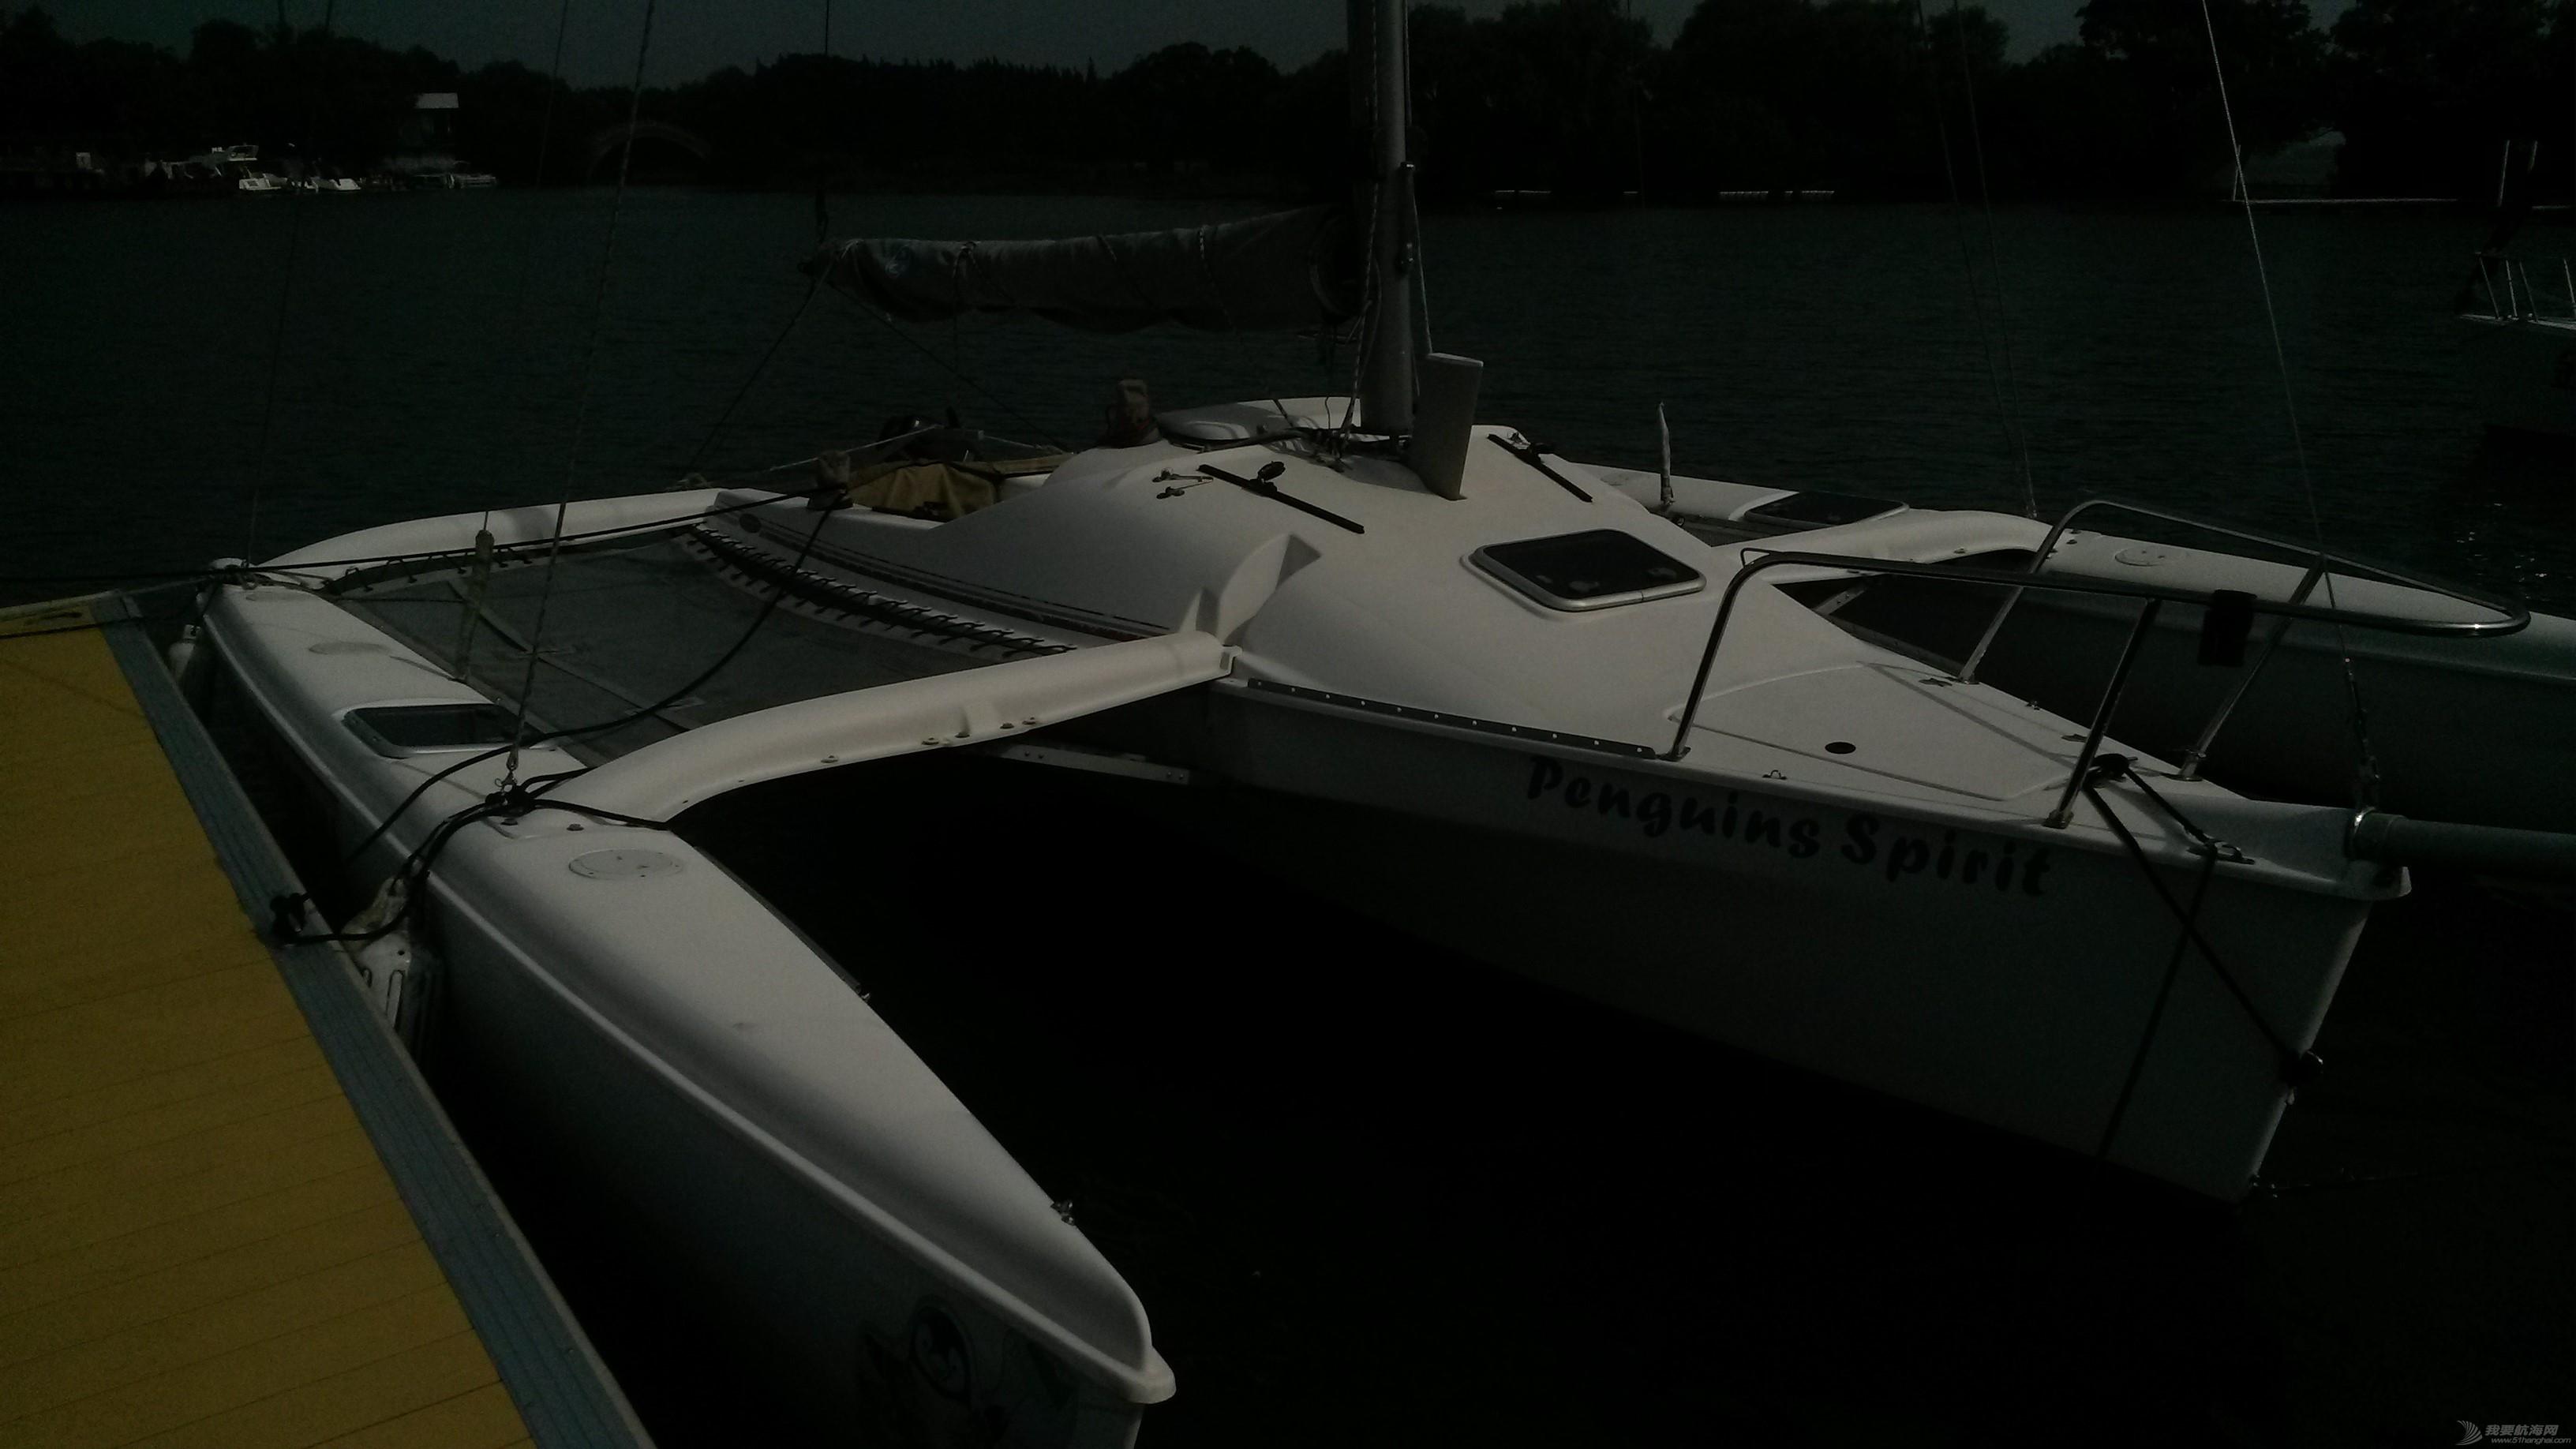 Seawind,Sprint,Corsair,材质,不确定 Seawind Corsair Sprint 750  134039qst76ppz00qqiq0o